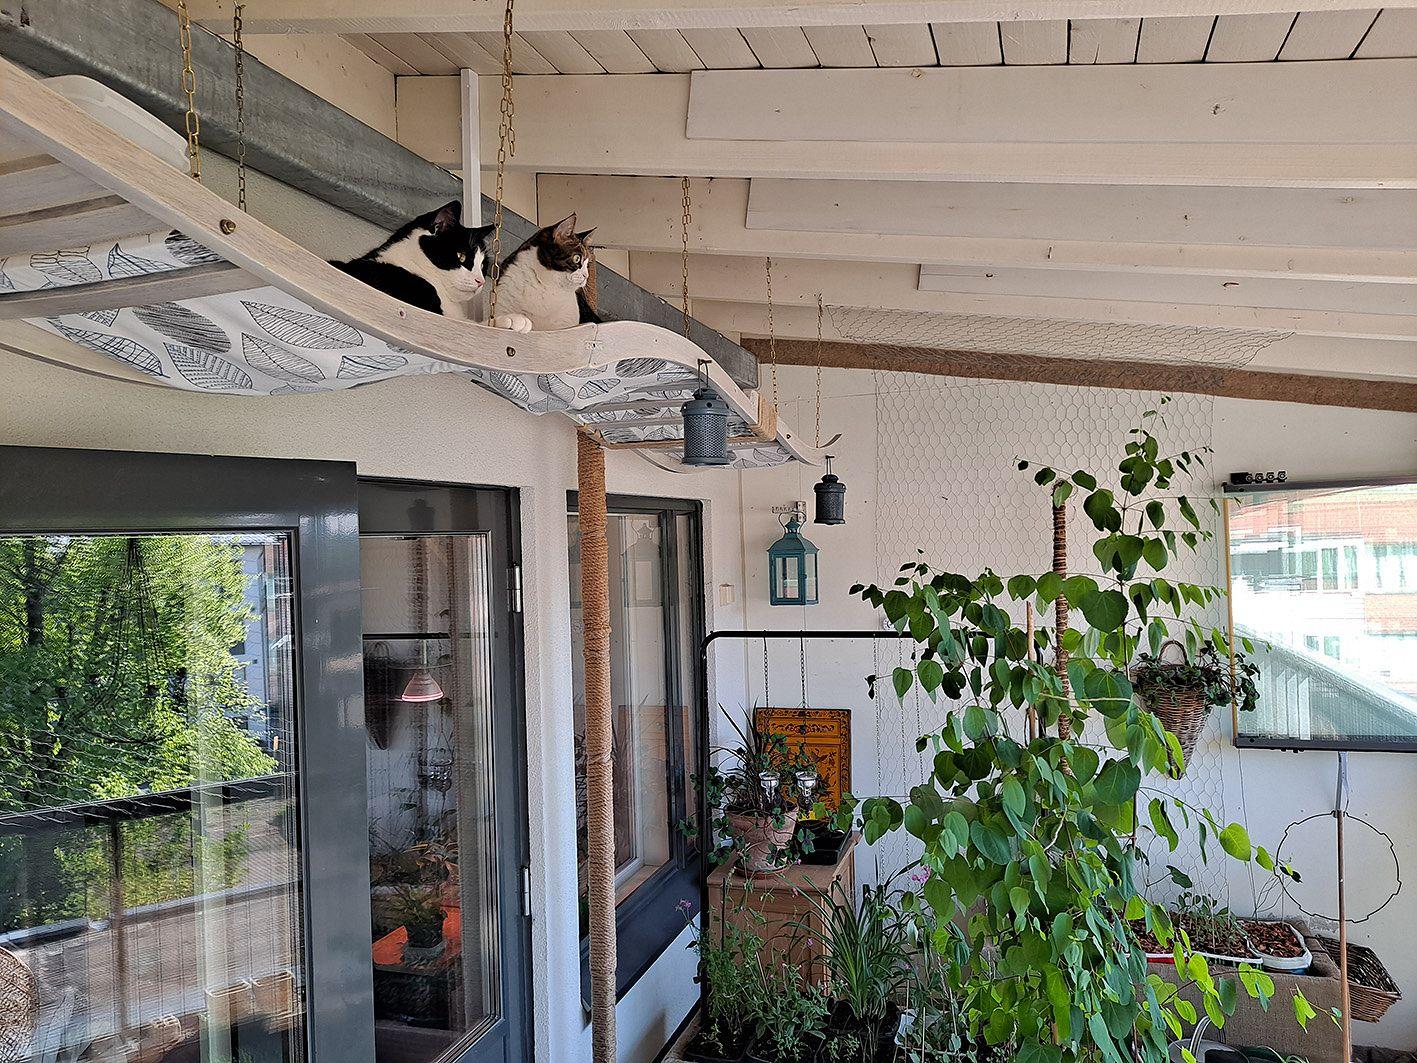 – Parveke on minulle olohuone, harrastetyötila, ruokailu- ja kahvittelupaikka, mietiskelytila ja kasvitarha – niin, ja tietysti se on myös kissojen parveke, kertoo Marja Solla.